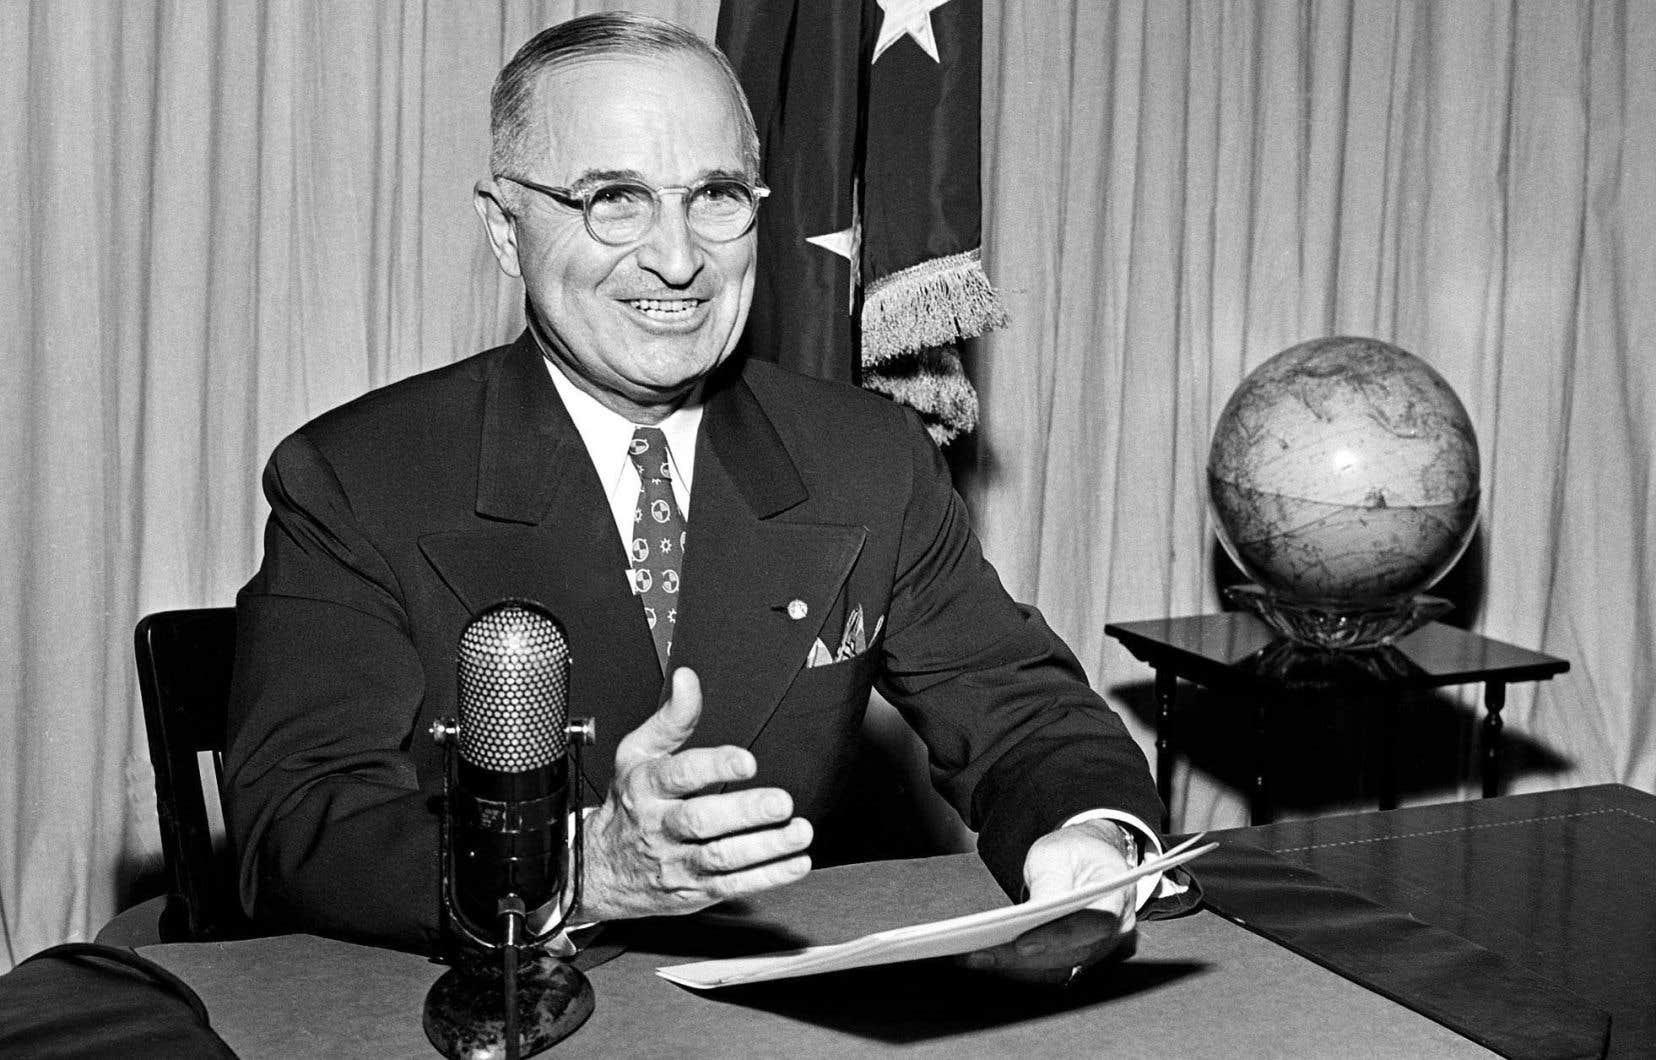 La situation politique dans laquelle se trouvait le président Harry Truman, en 1945, a joué un rôle déterminant dans l'utilisation de la bombe atomique.